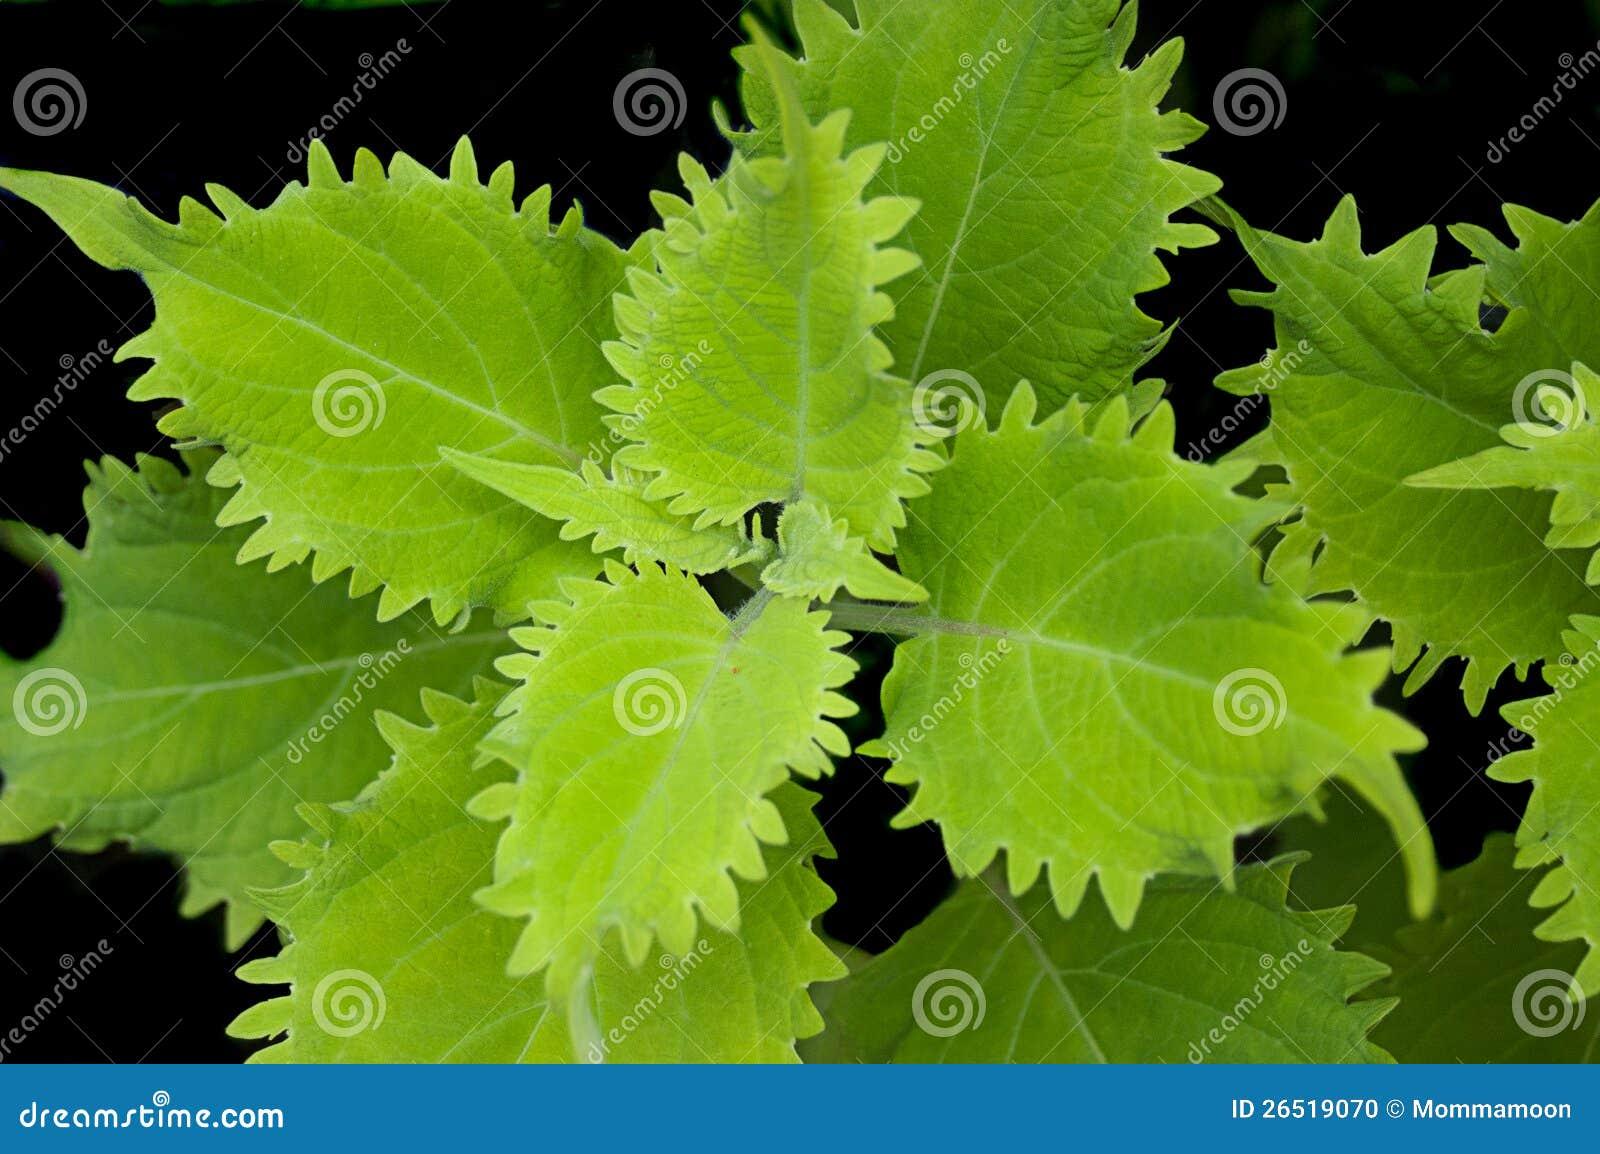 Hojas verdes claras de la planta foto de archivo imagen - Plantas de hojas verdes ...